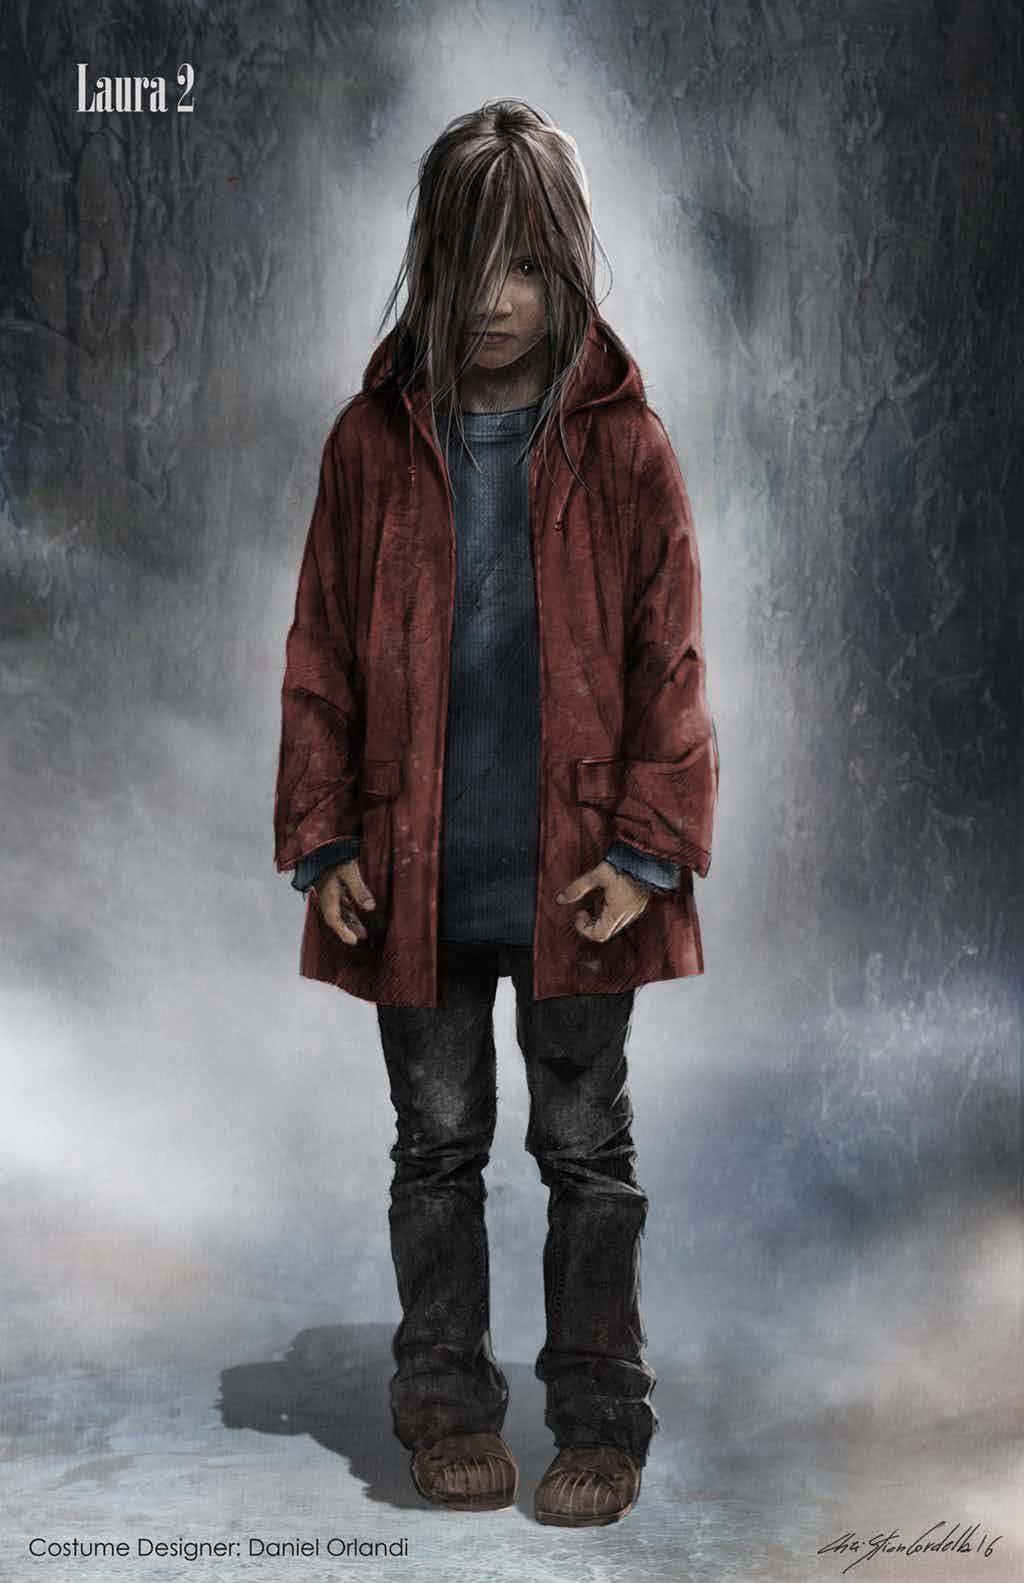 Logan-Concept-Art-Laura-2-l